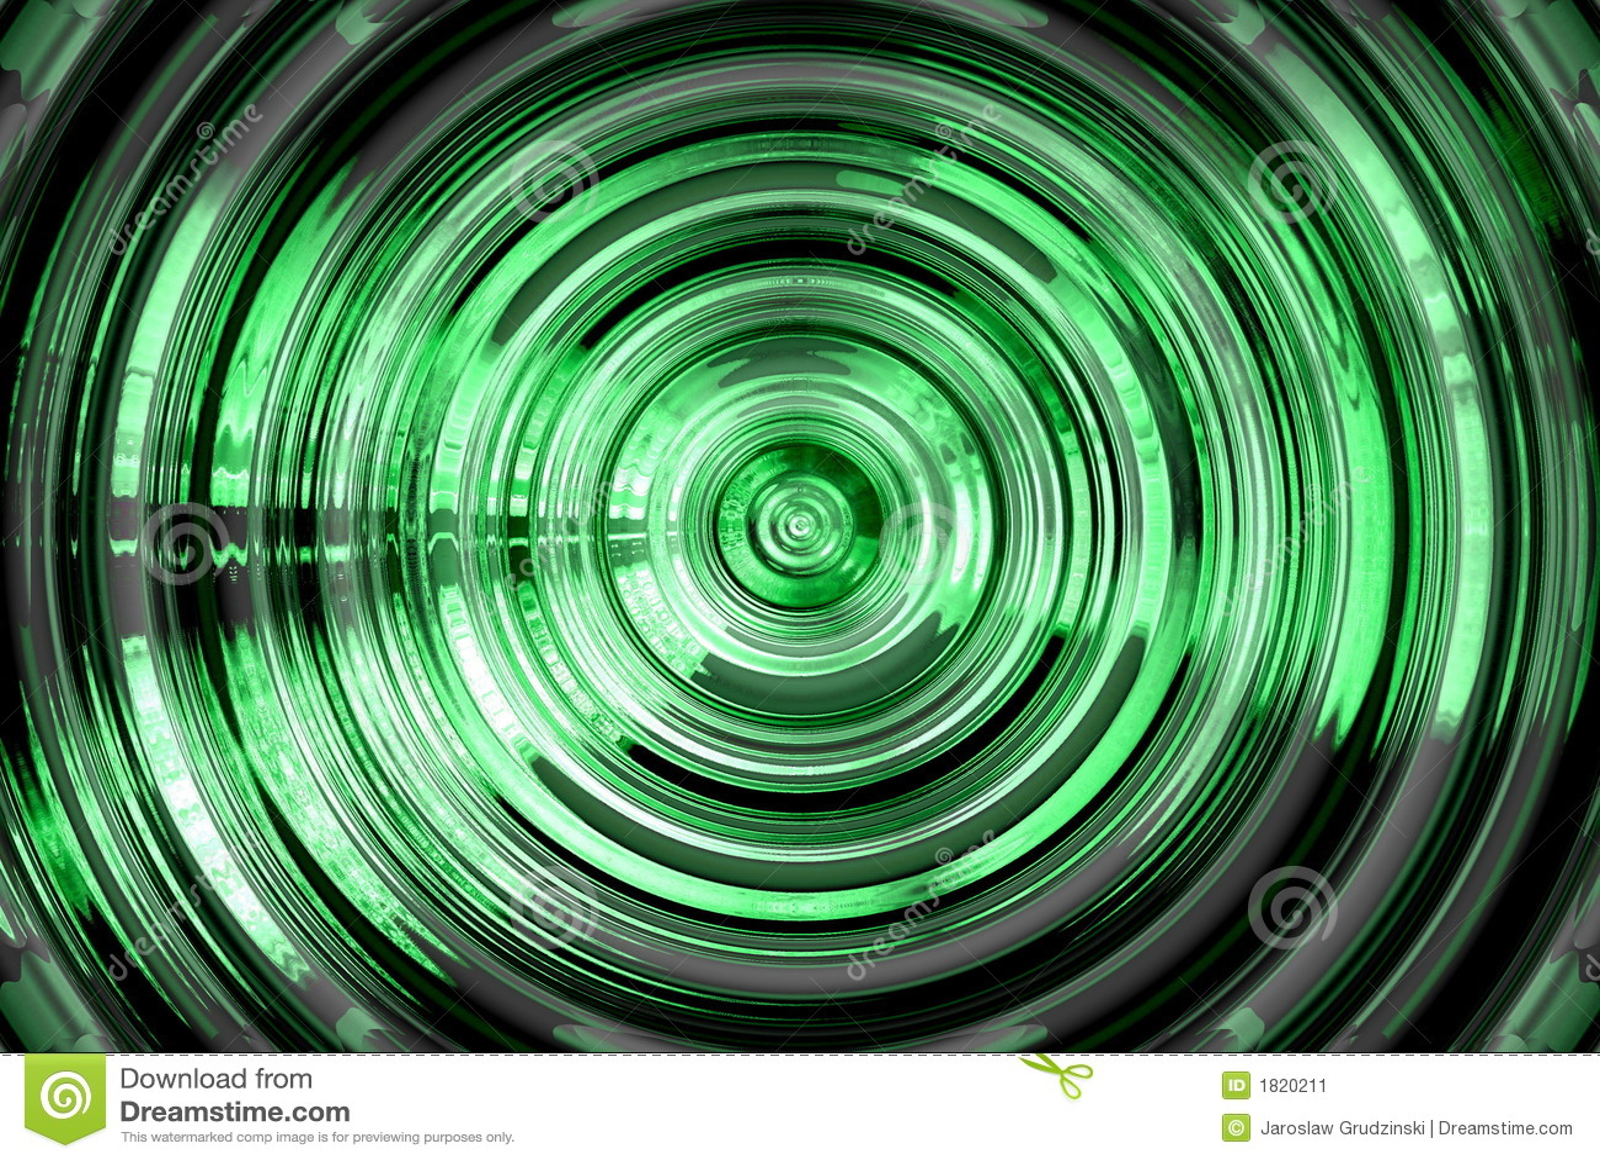 Hypnotisk abstrakt bakgrund